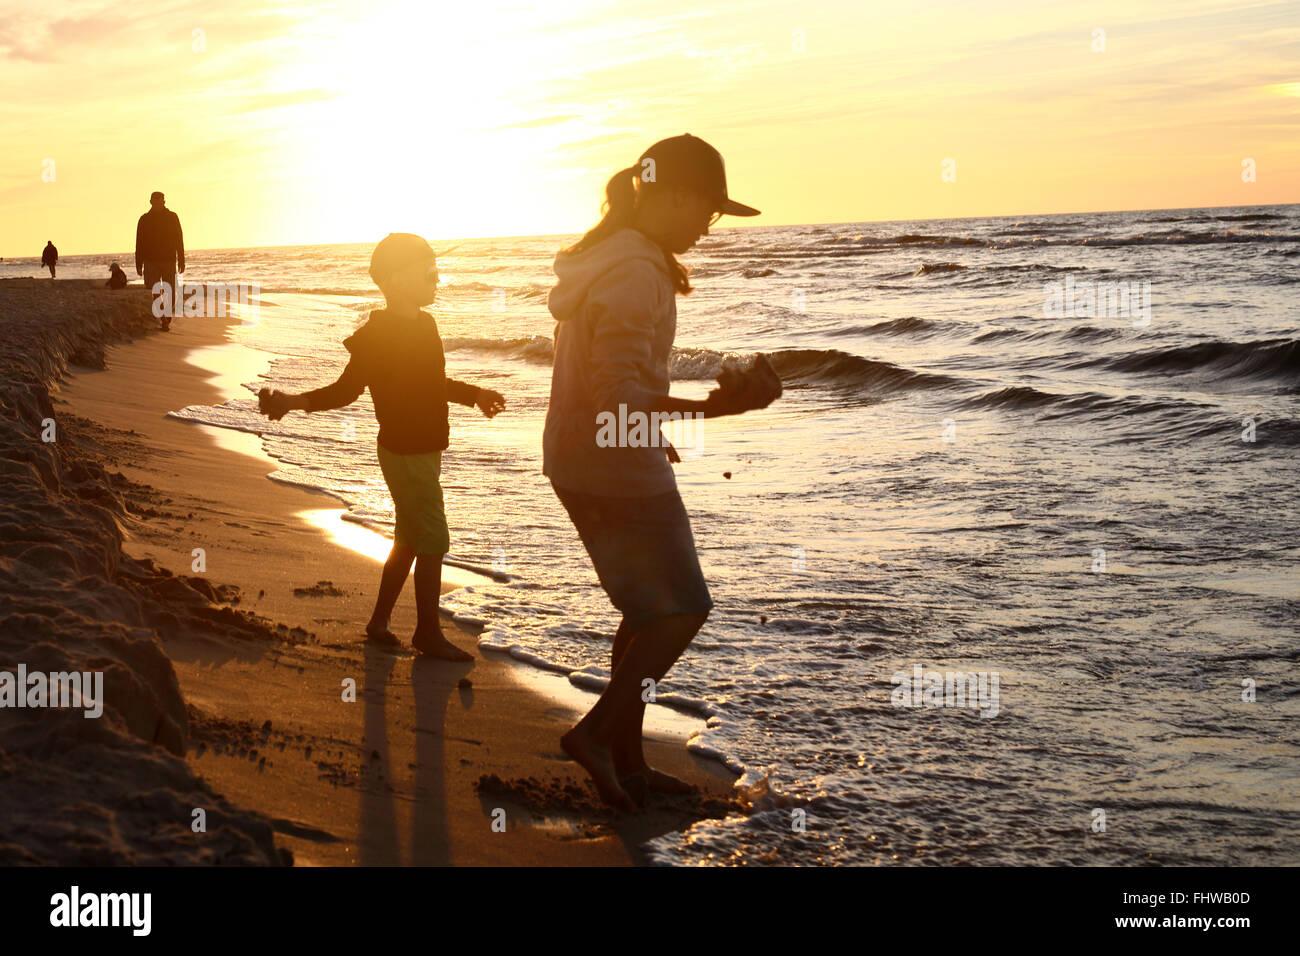 La marche sur la plage, Coucher de soleil. Les enfants garçon et fille jouant sur le bord de la mer sur une Photo Stock